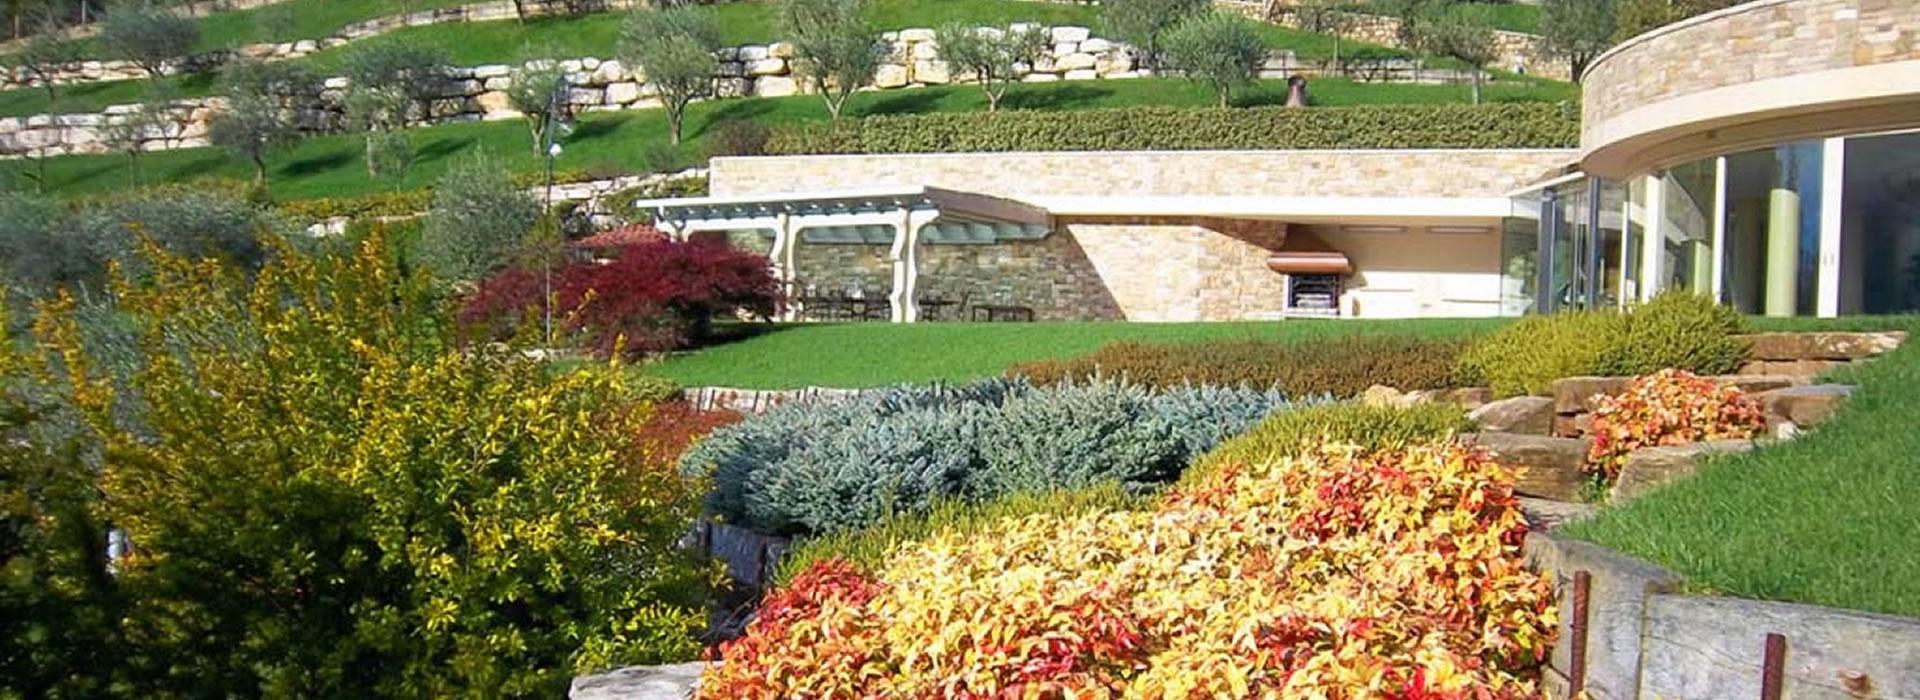 Architettura Del Verde progettazione giardini • architetto del verde • bergamo